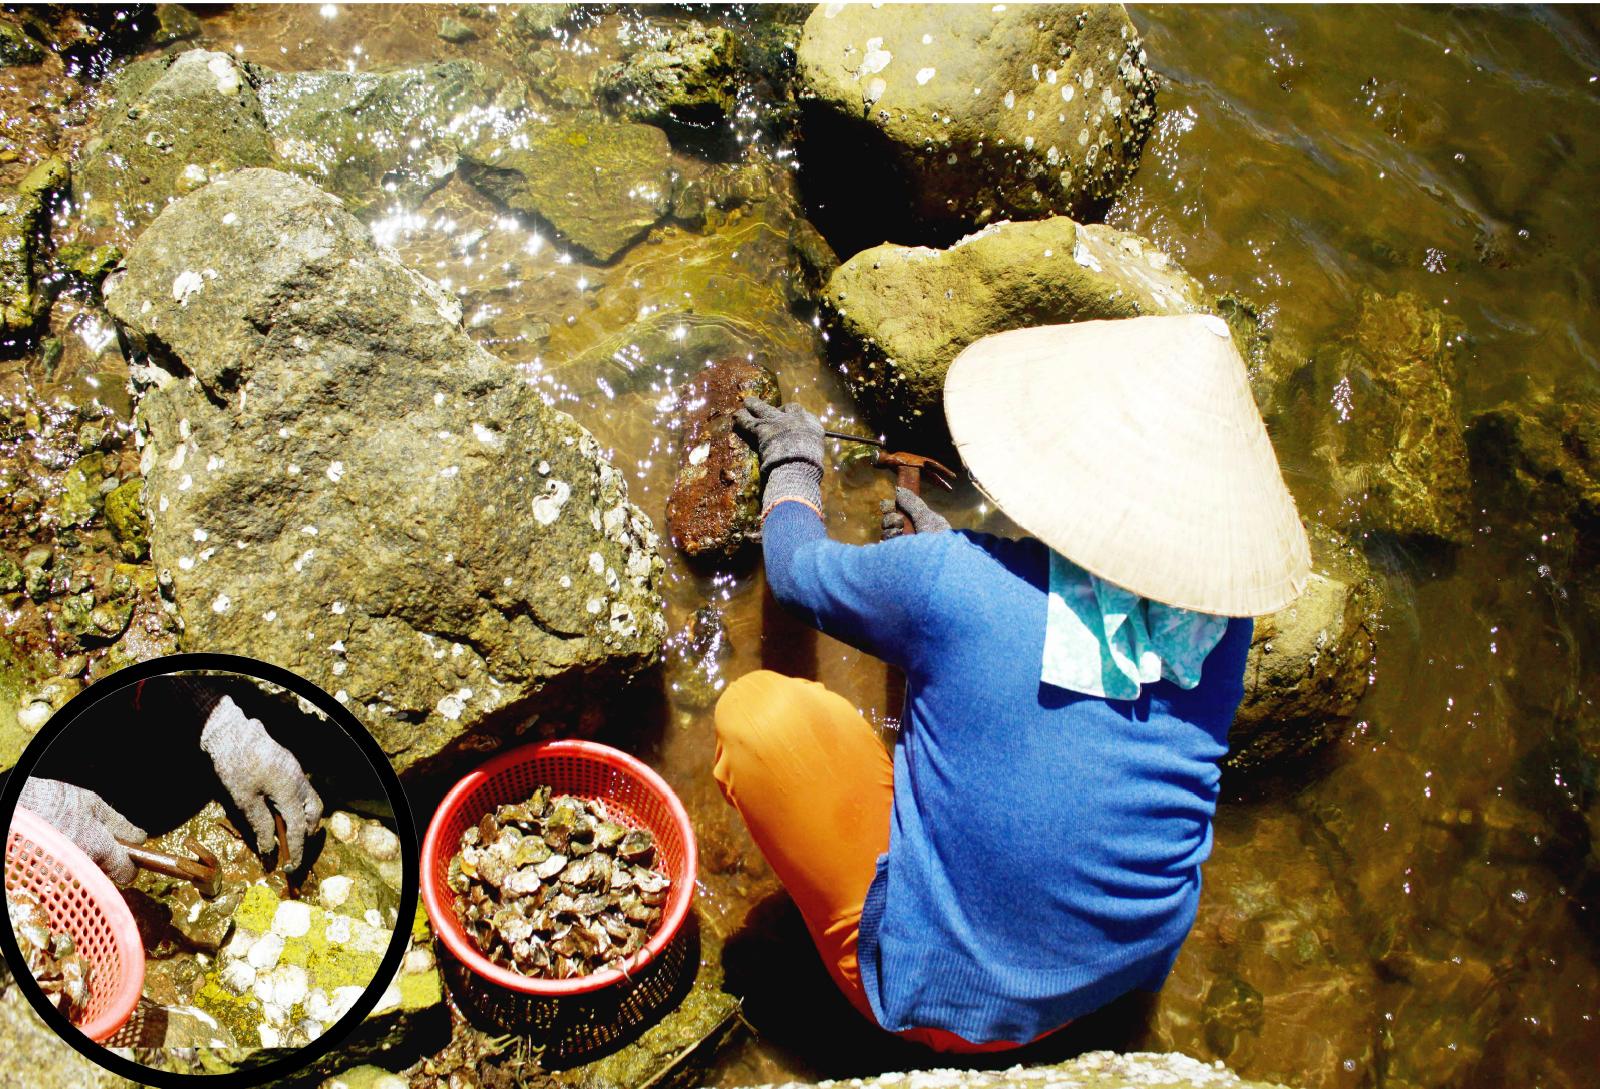 Nhọc nhằn nghề đẽo đá, đục hàu nơi cửa biển  ảnh 14